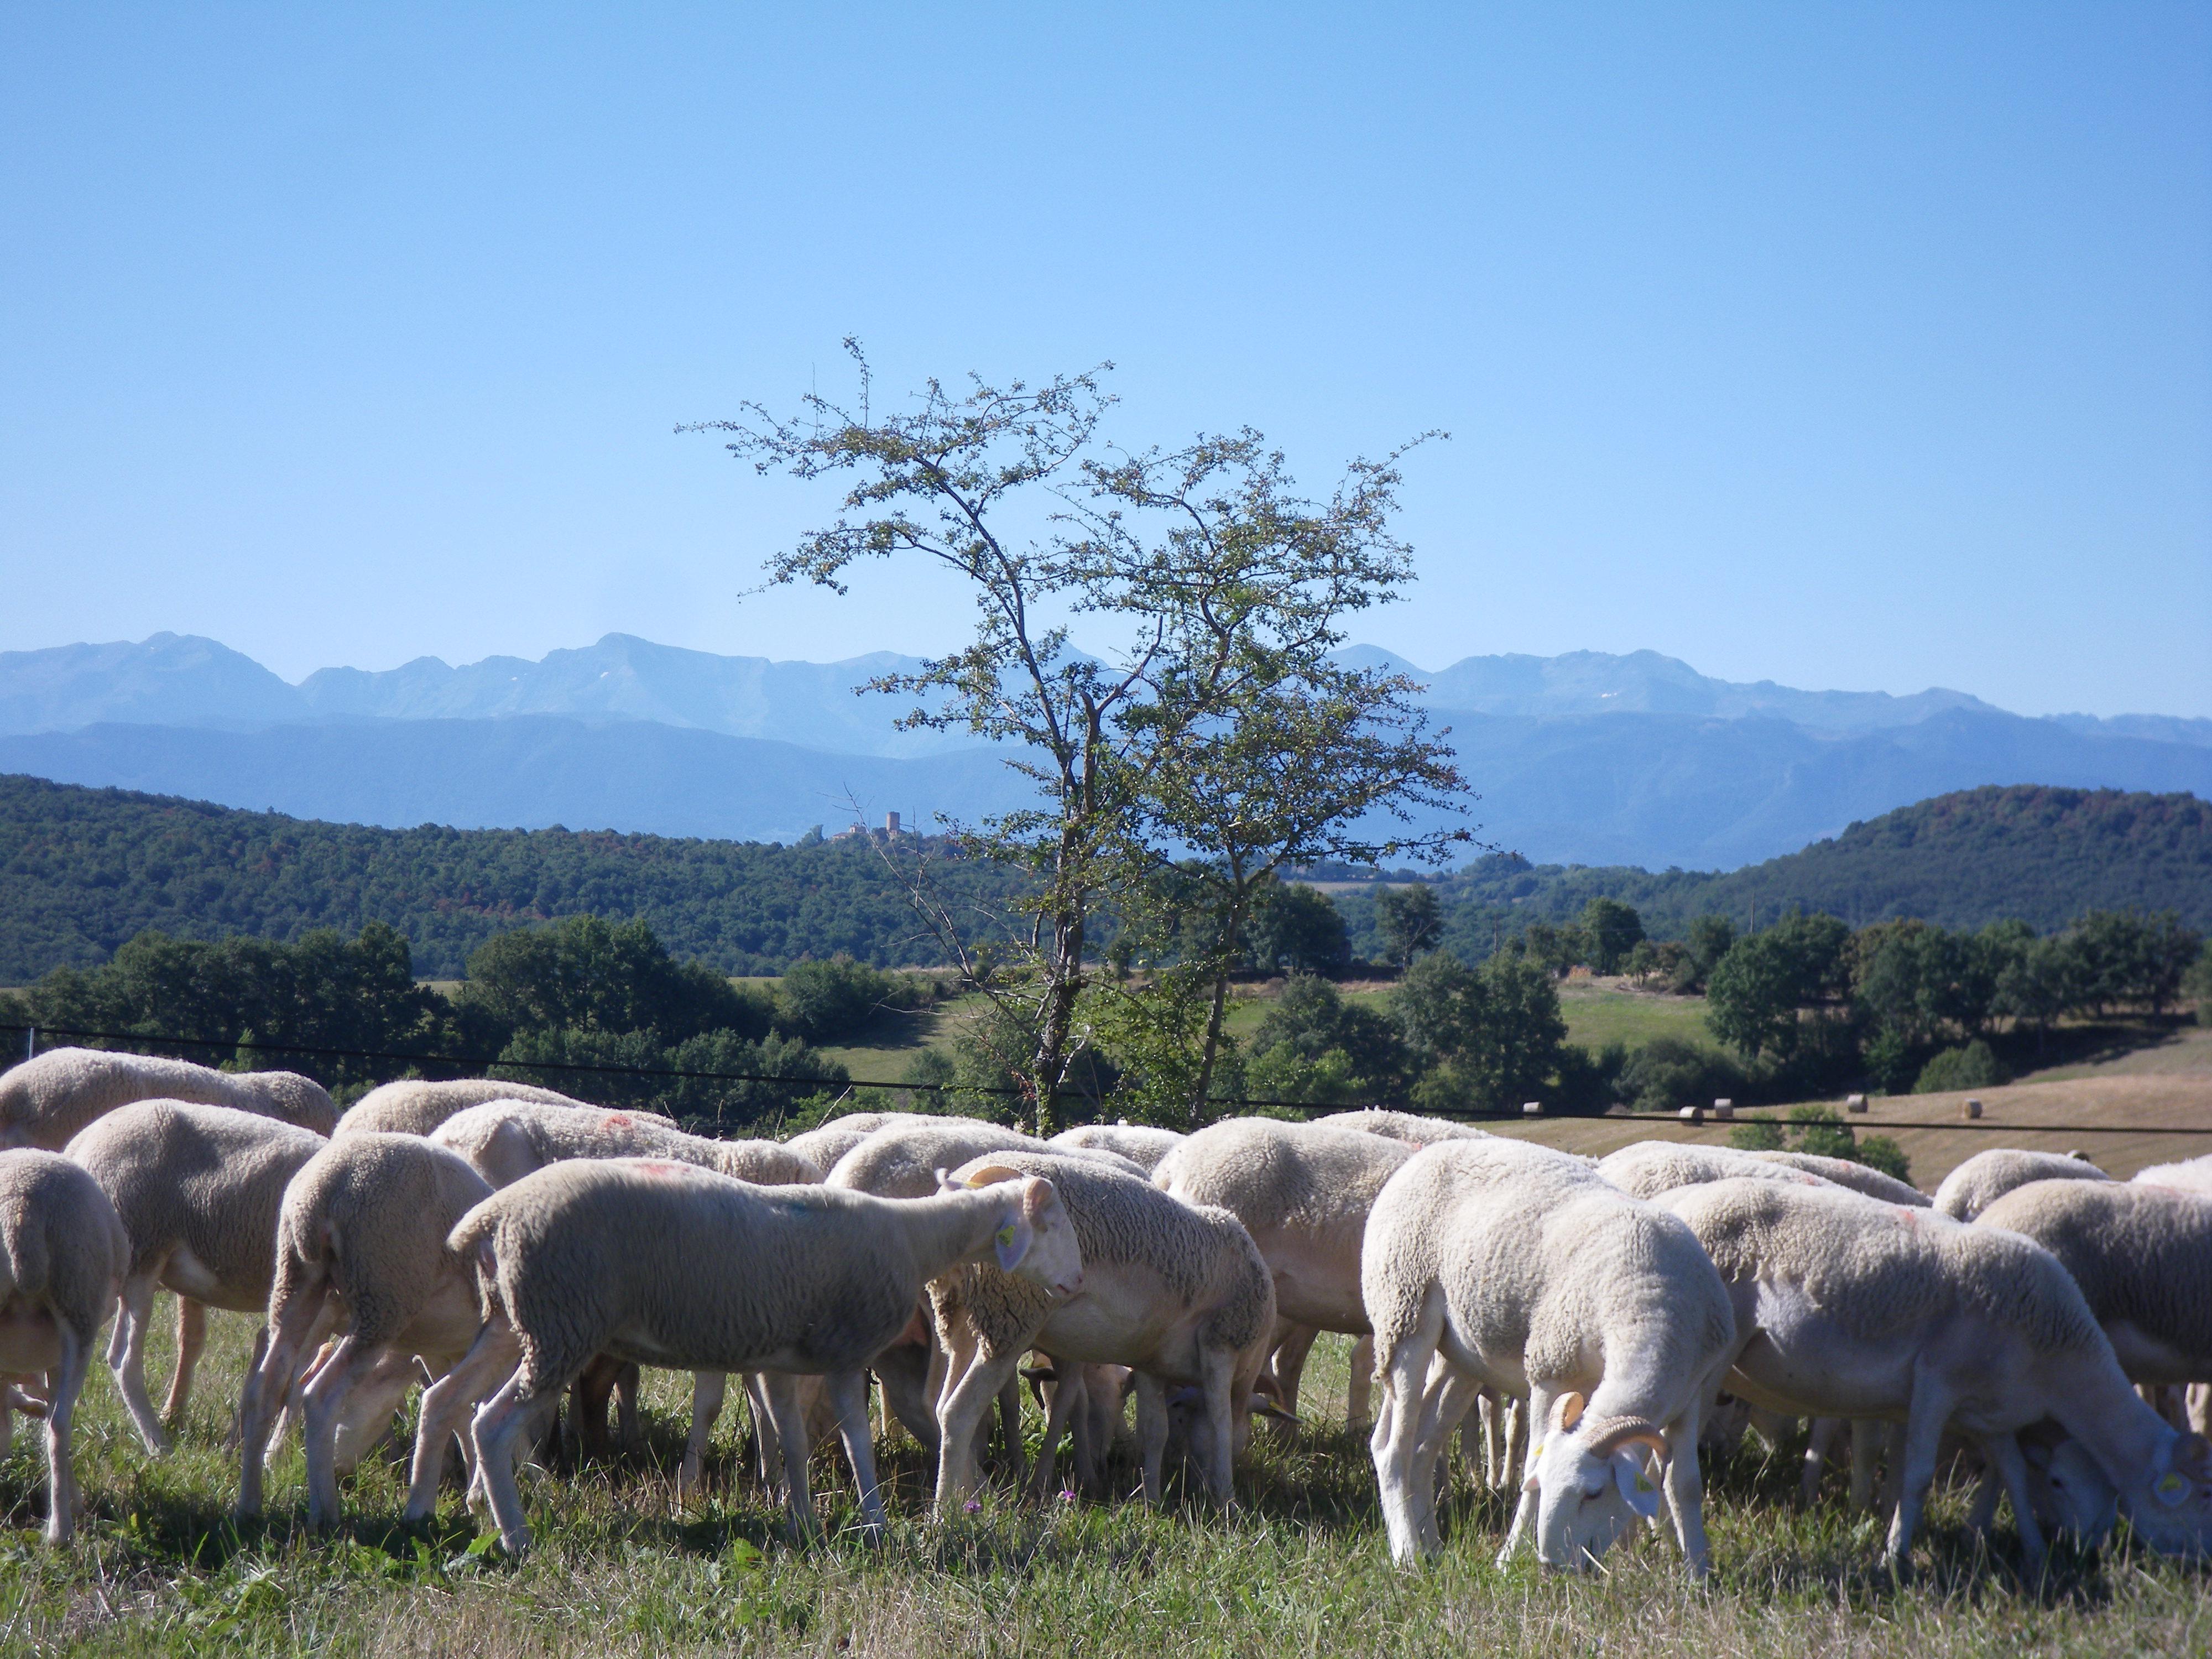 les ovins en paturage